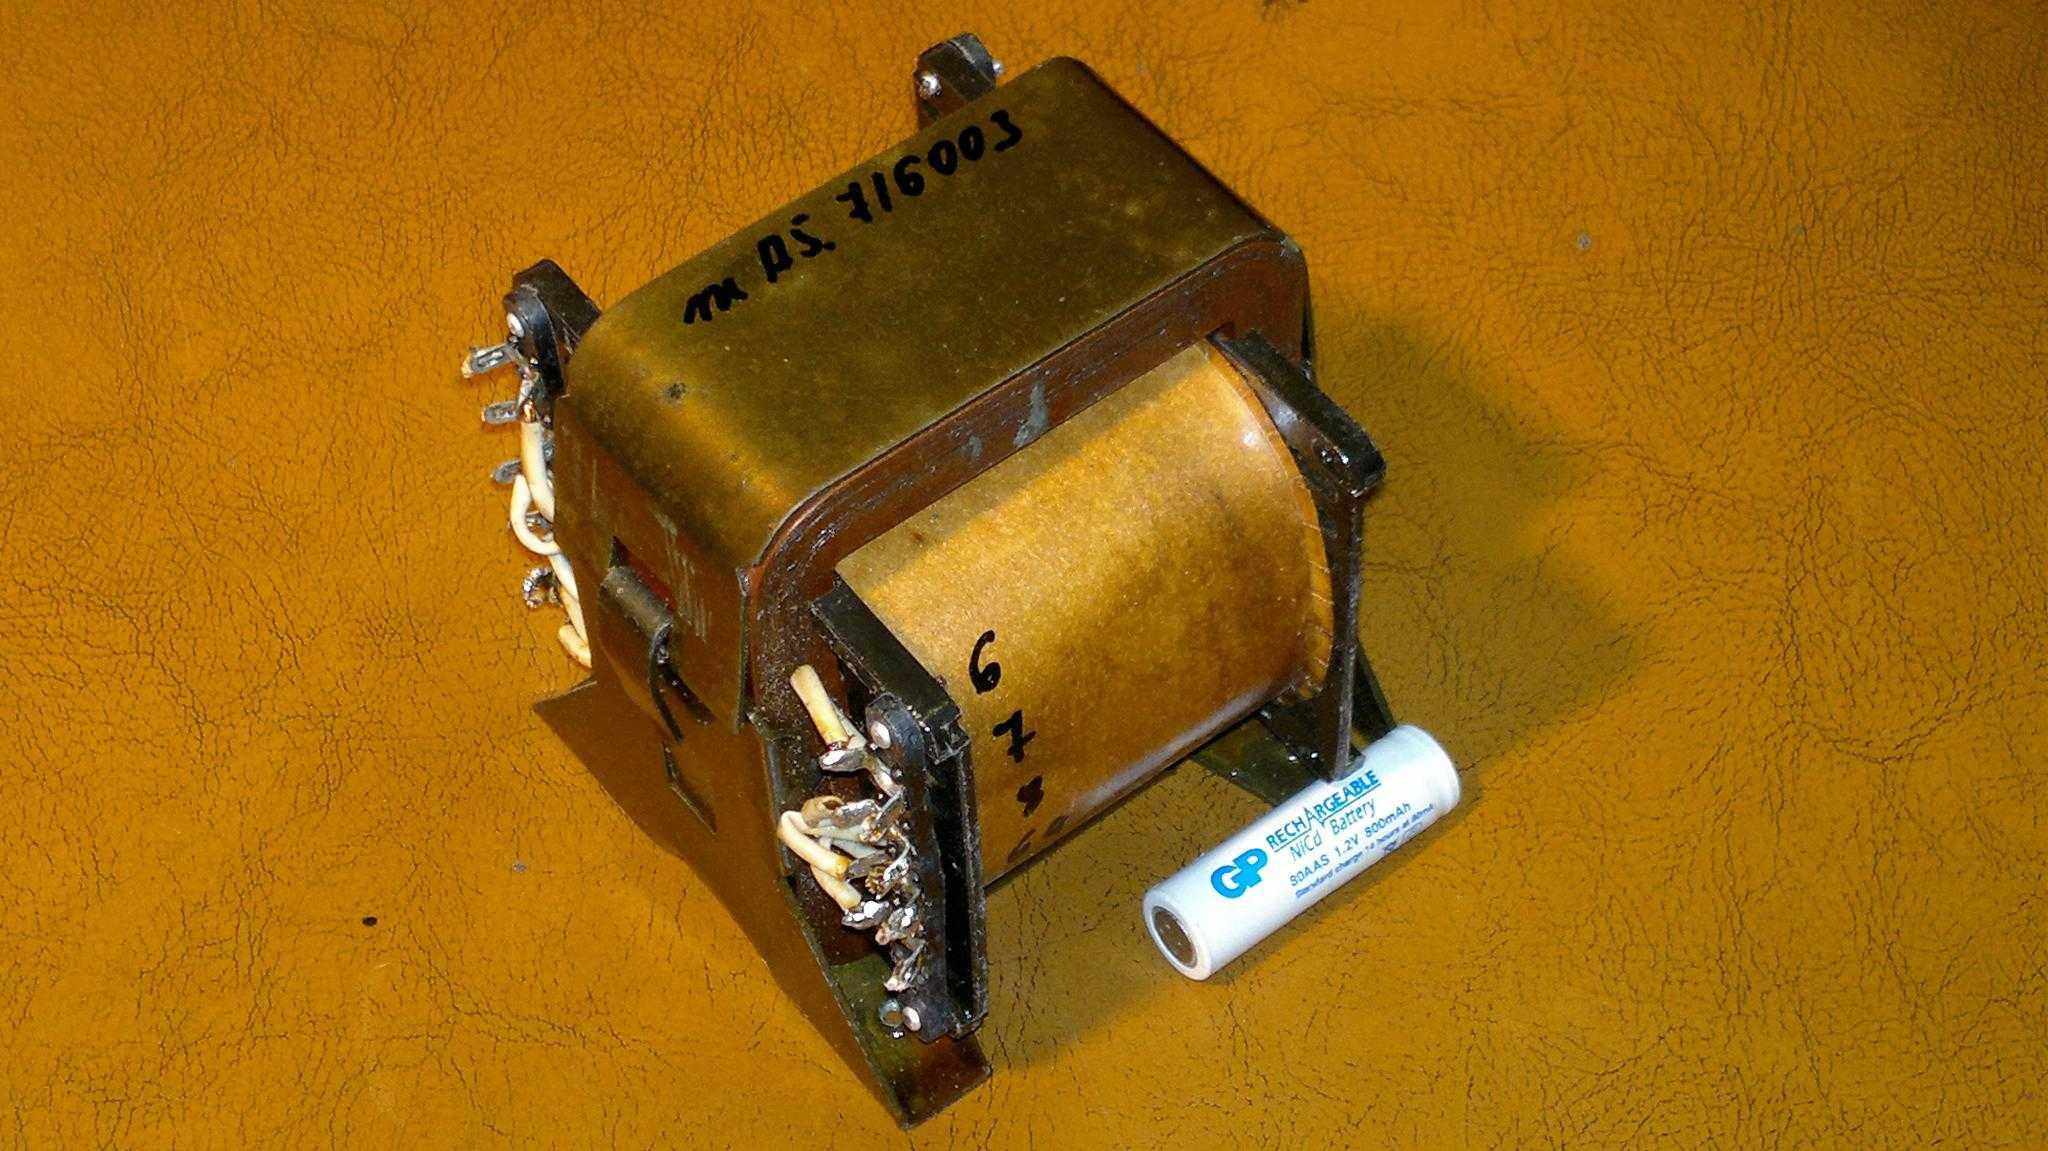 Внутри этого трансформатора находится сердечник из трансформаторной стали и склеенных букв